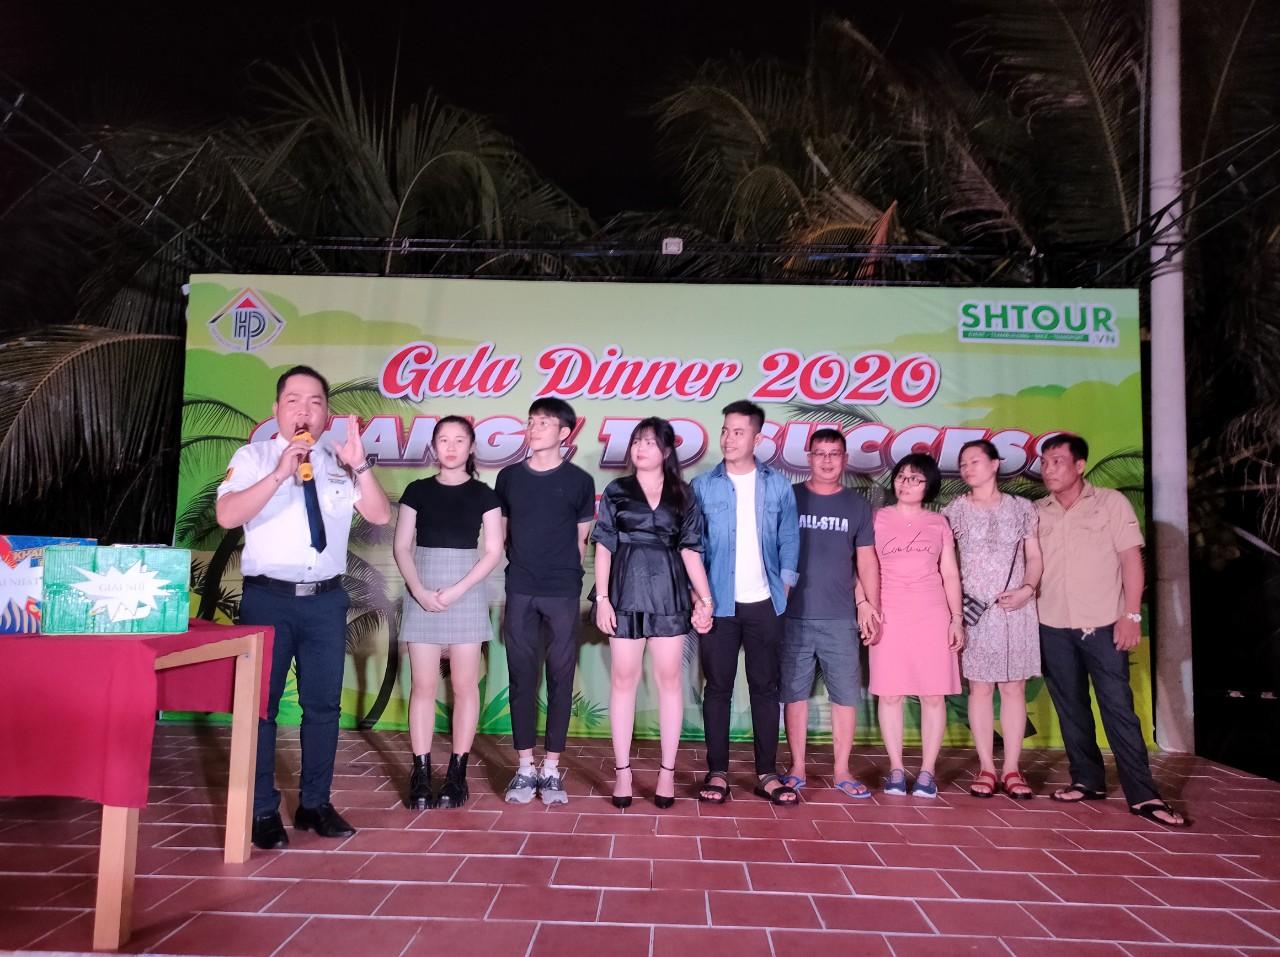 Du lịch 2020 hợp phát - 5